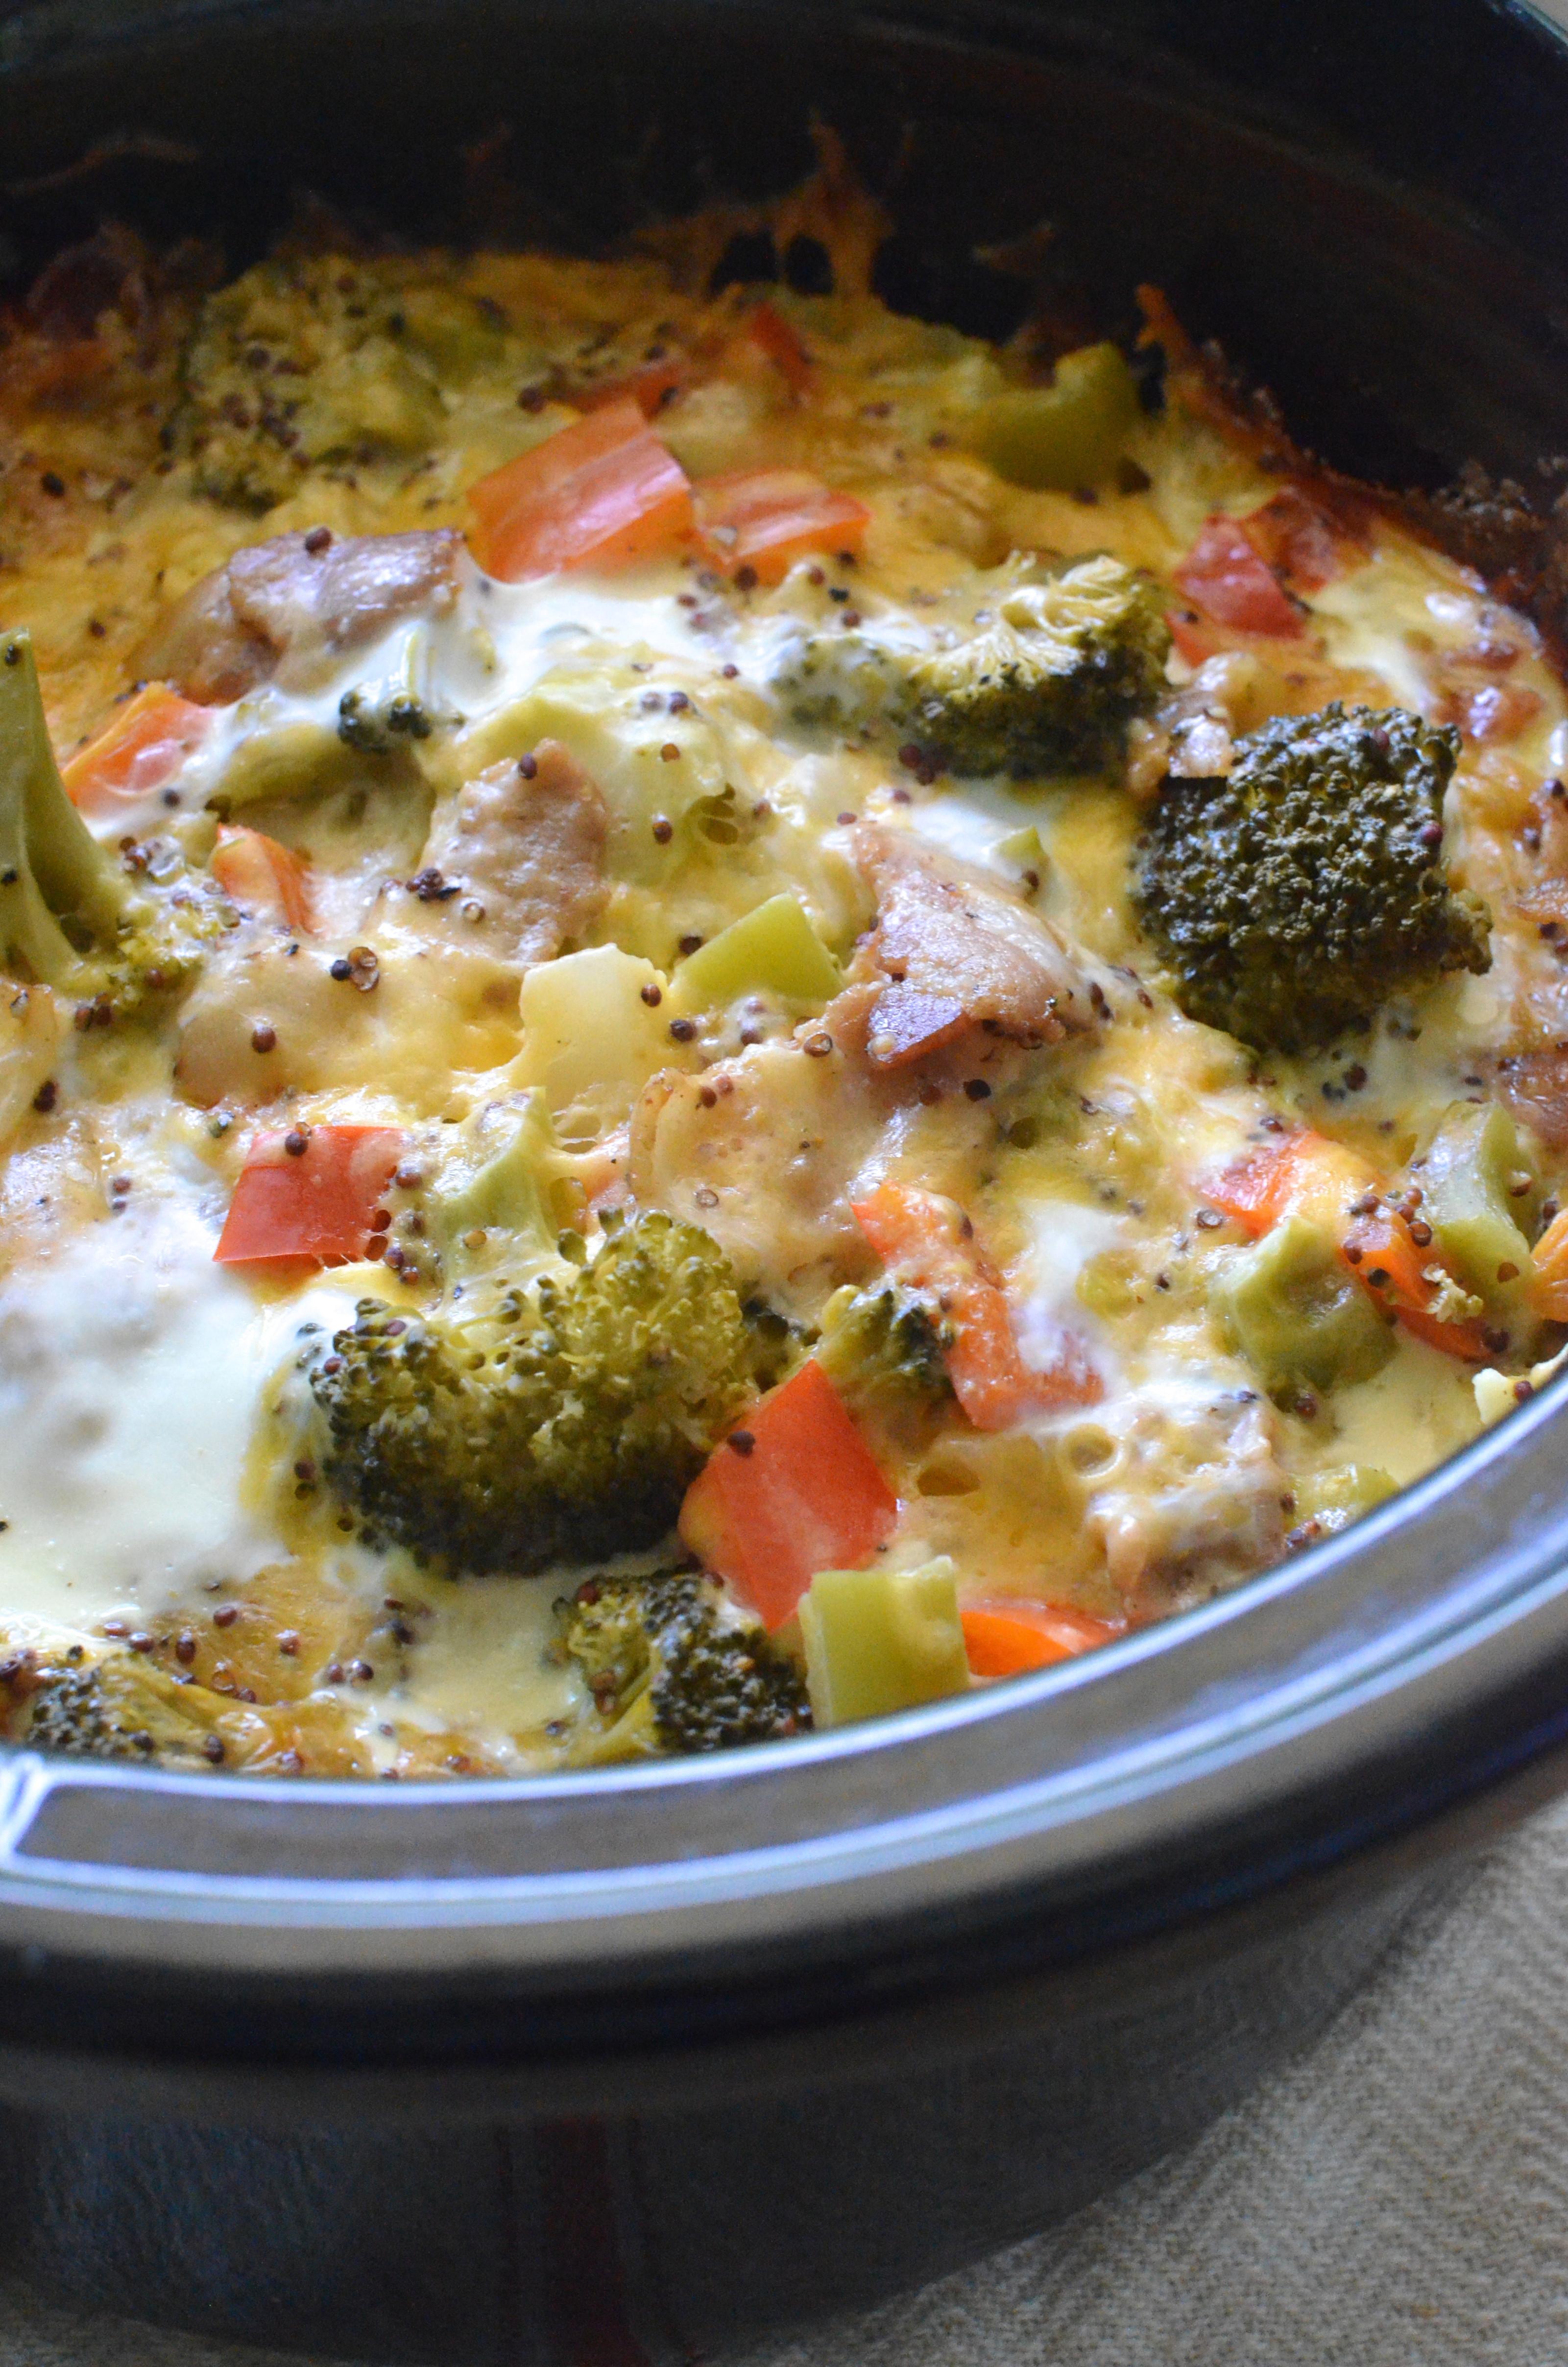 Healthy Crockpot Breakfast Casserole 20 Best Ideas Healthy Crockpot Breakfast Casserole